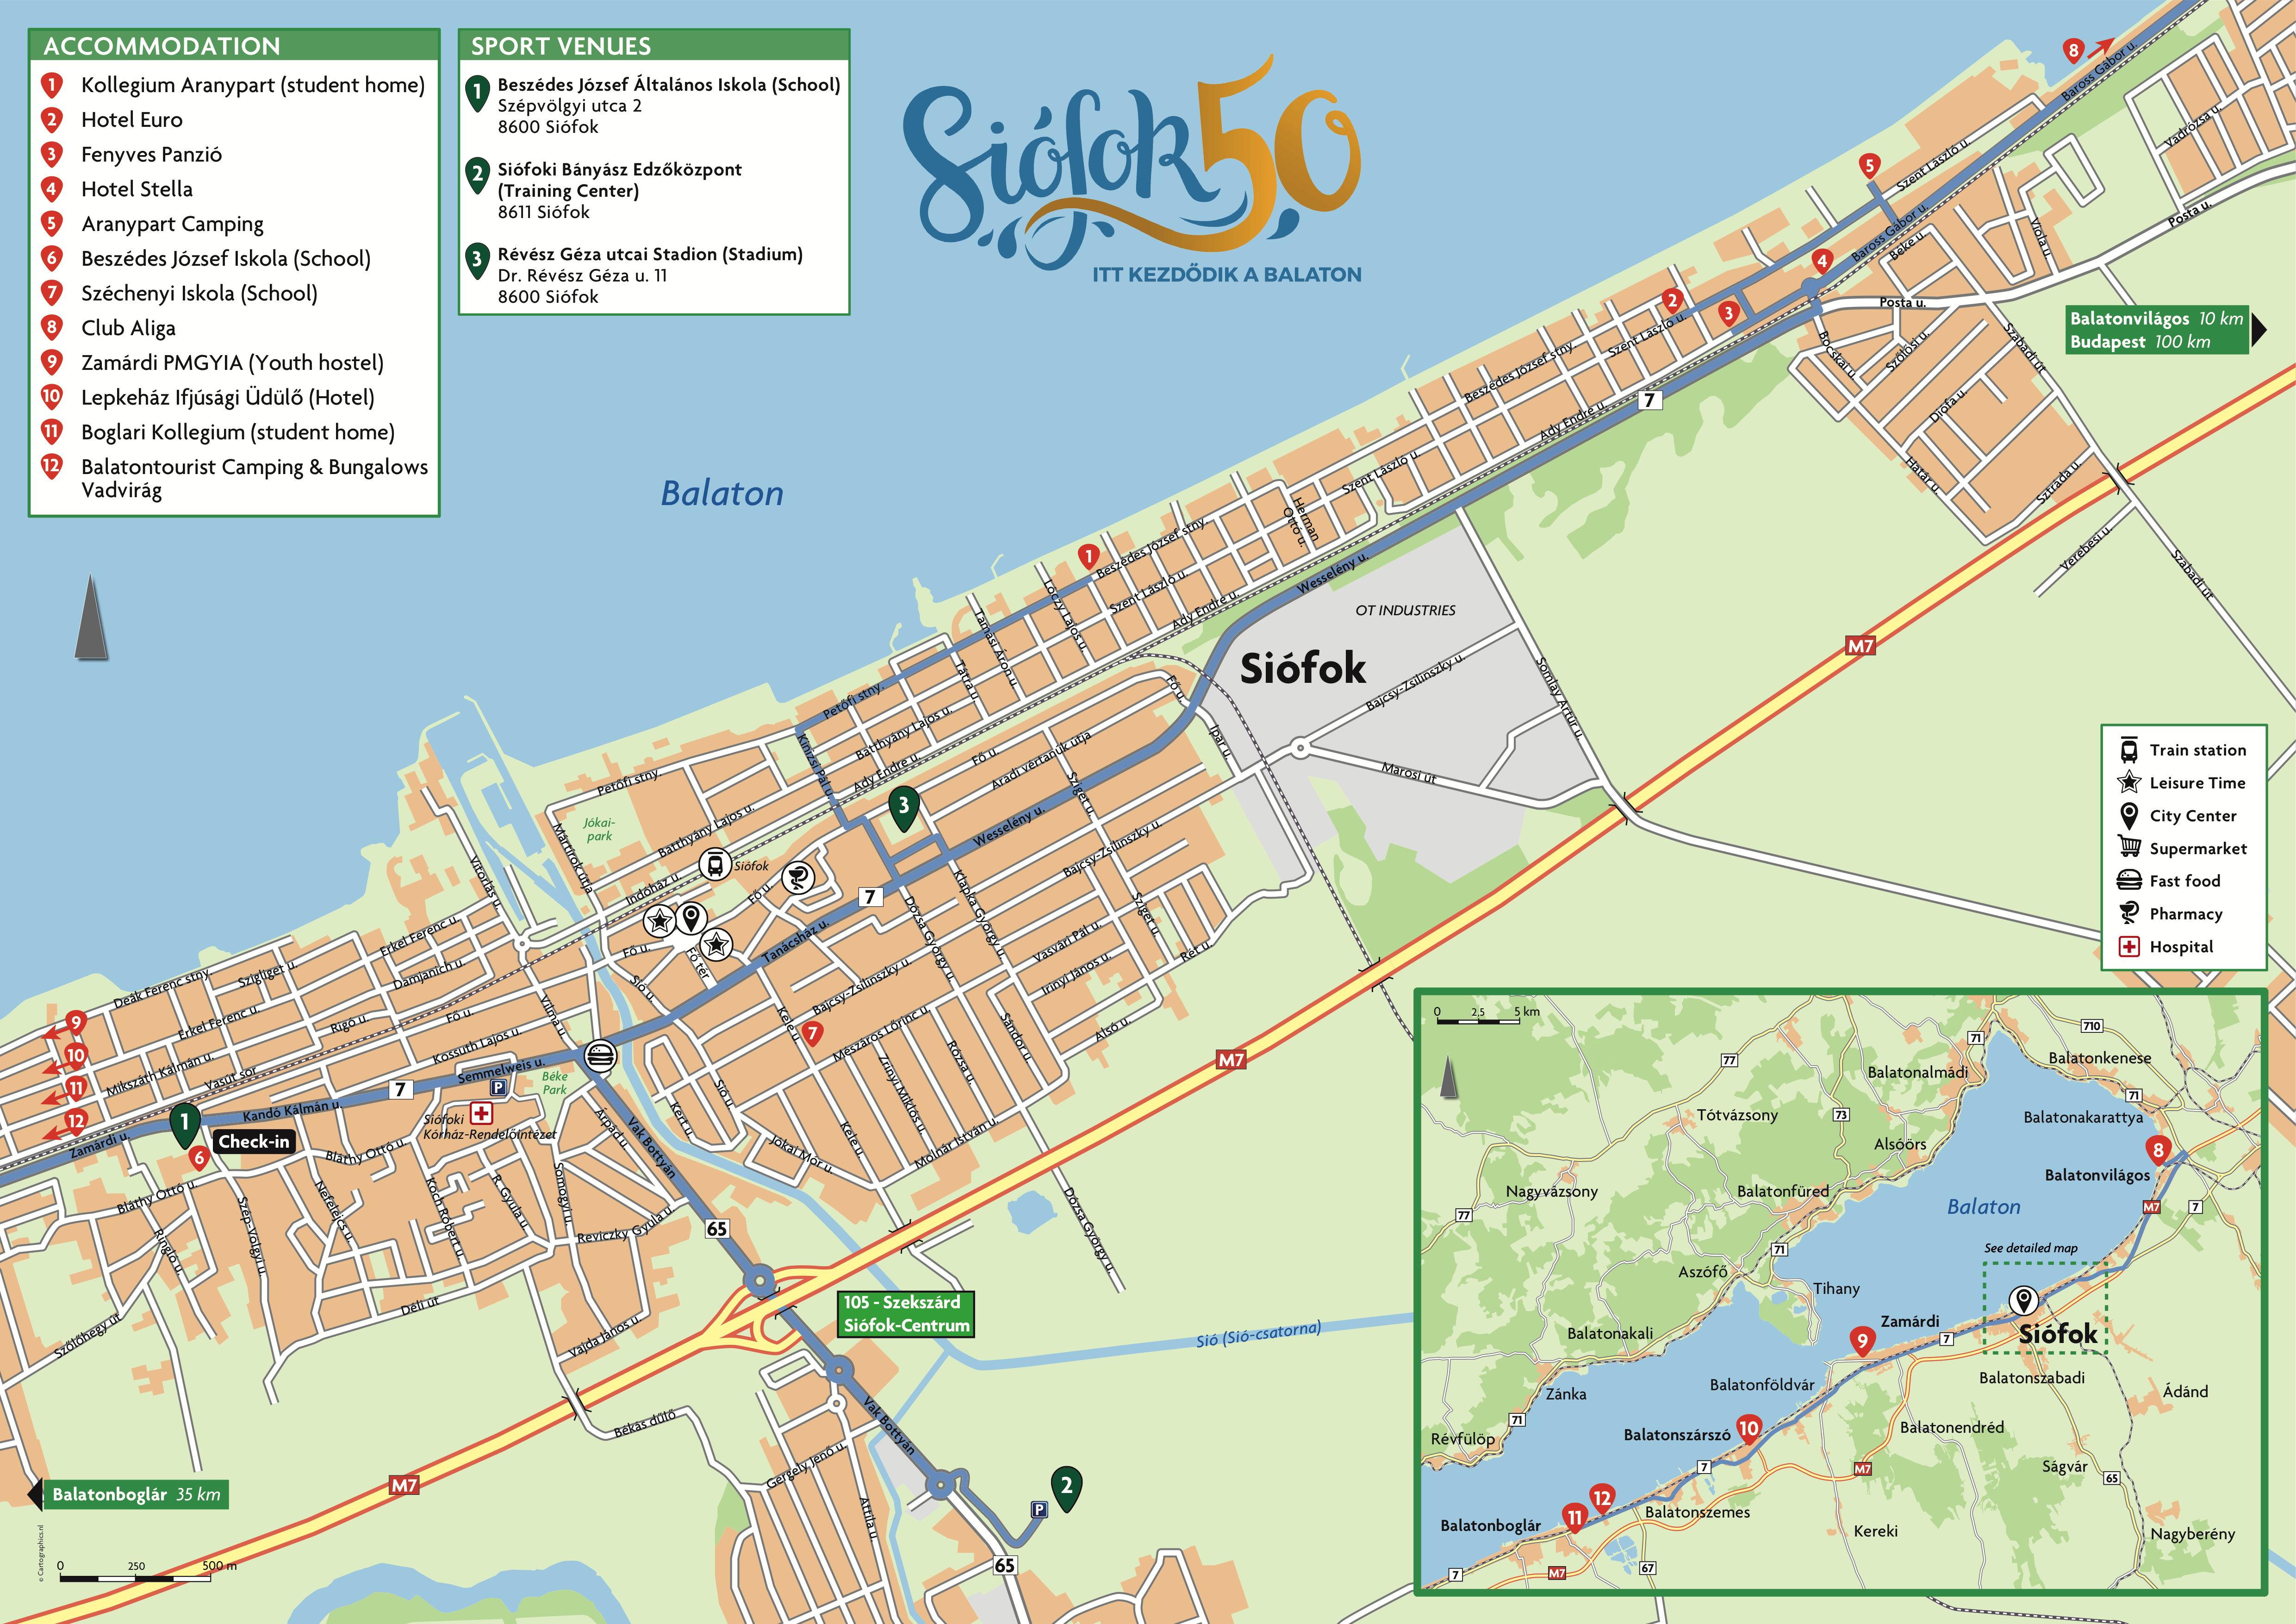 14-Hon-ES-1805-Sportparken Siofok-v2.jpg